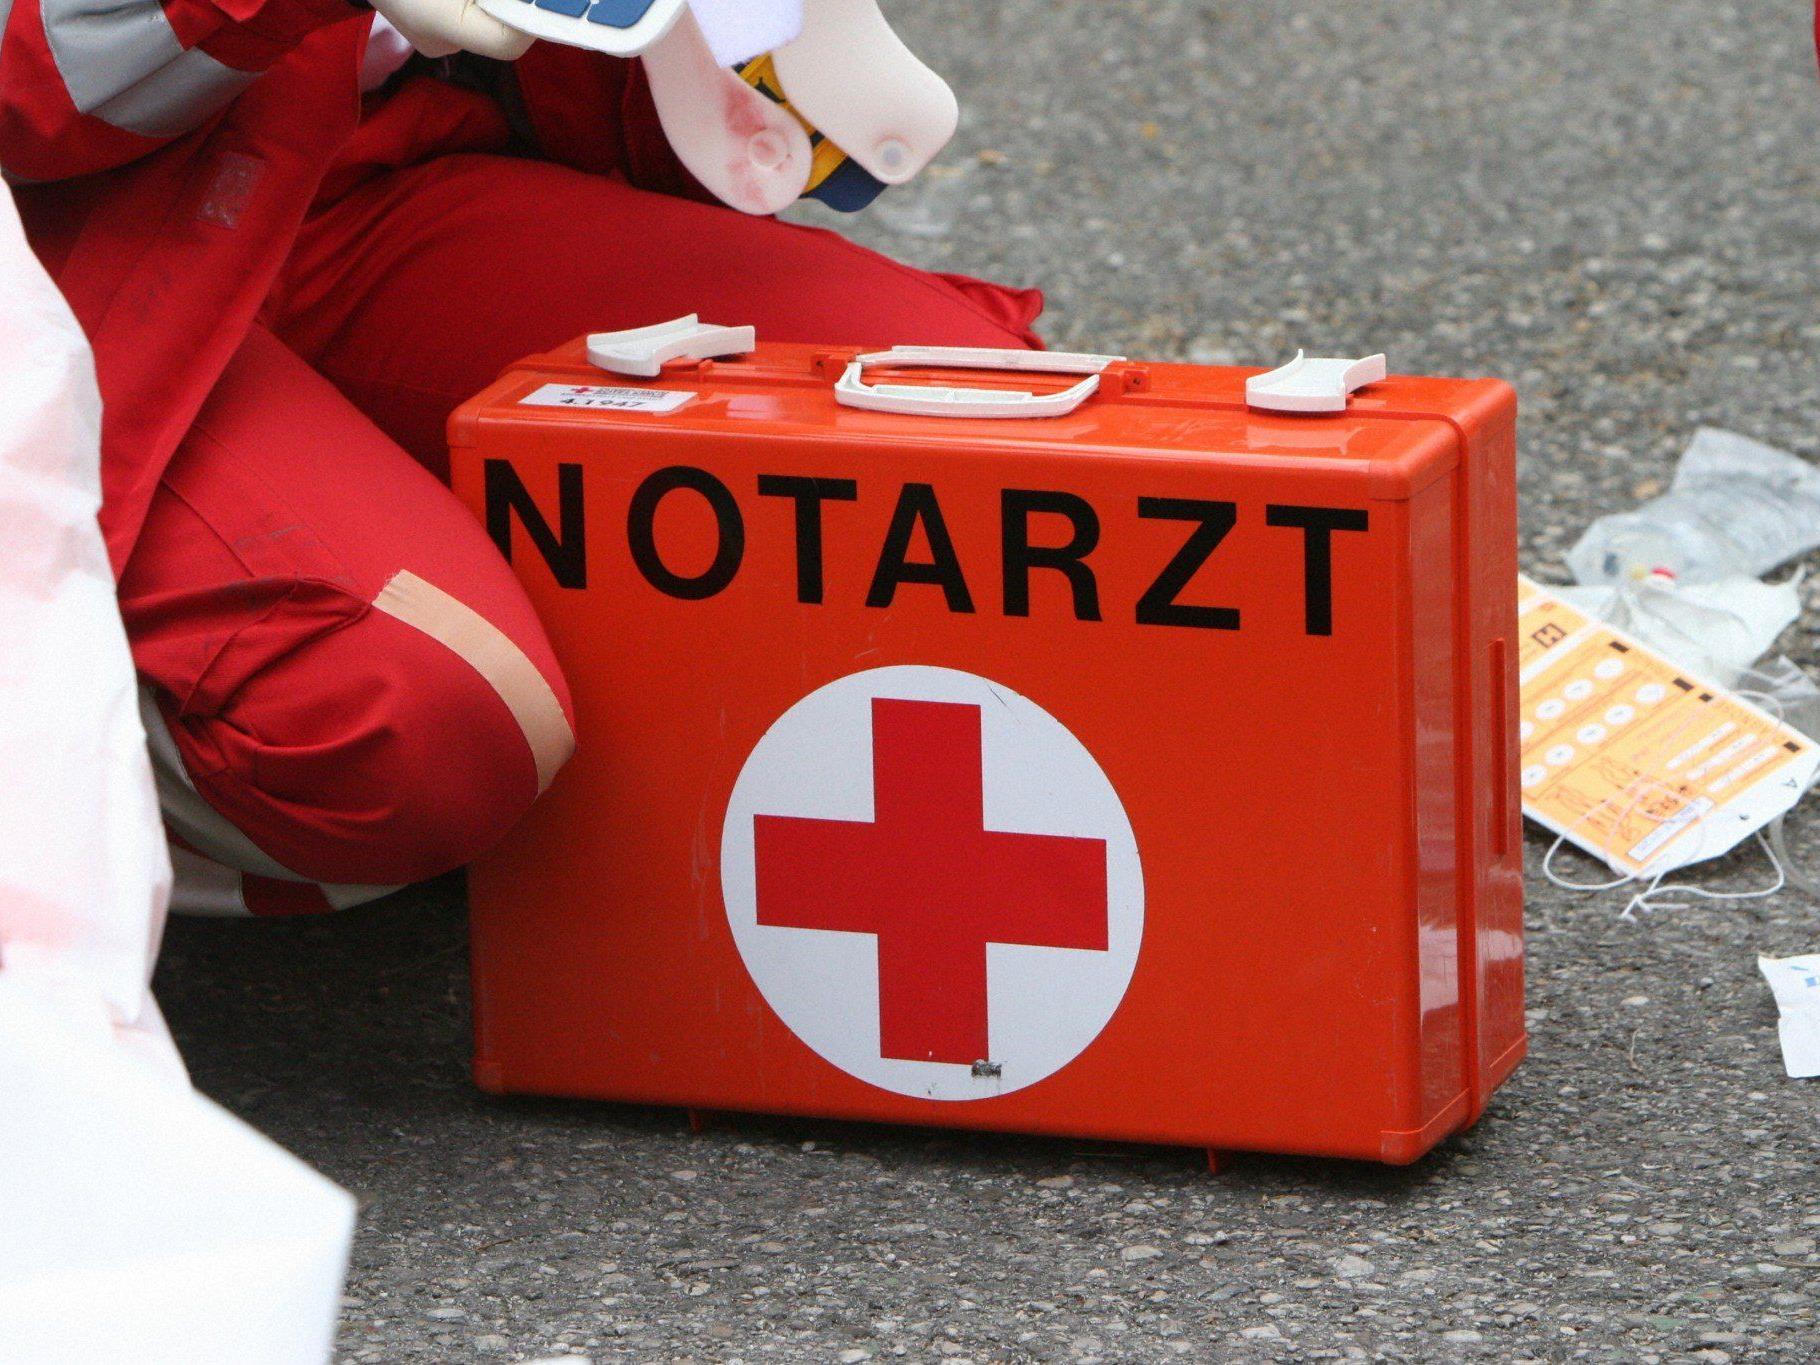 Bei einem Unfall im Bezirk Wiener Neustadt wurden eine 33-jährige Frau und ihre drei Kinder verletzt.